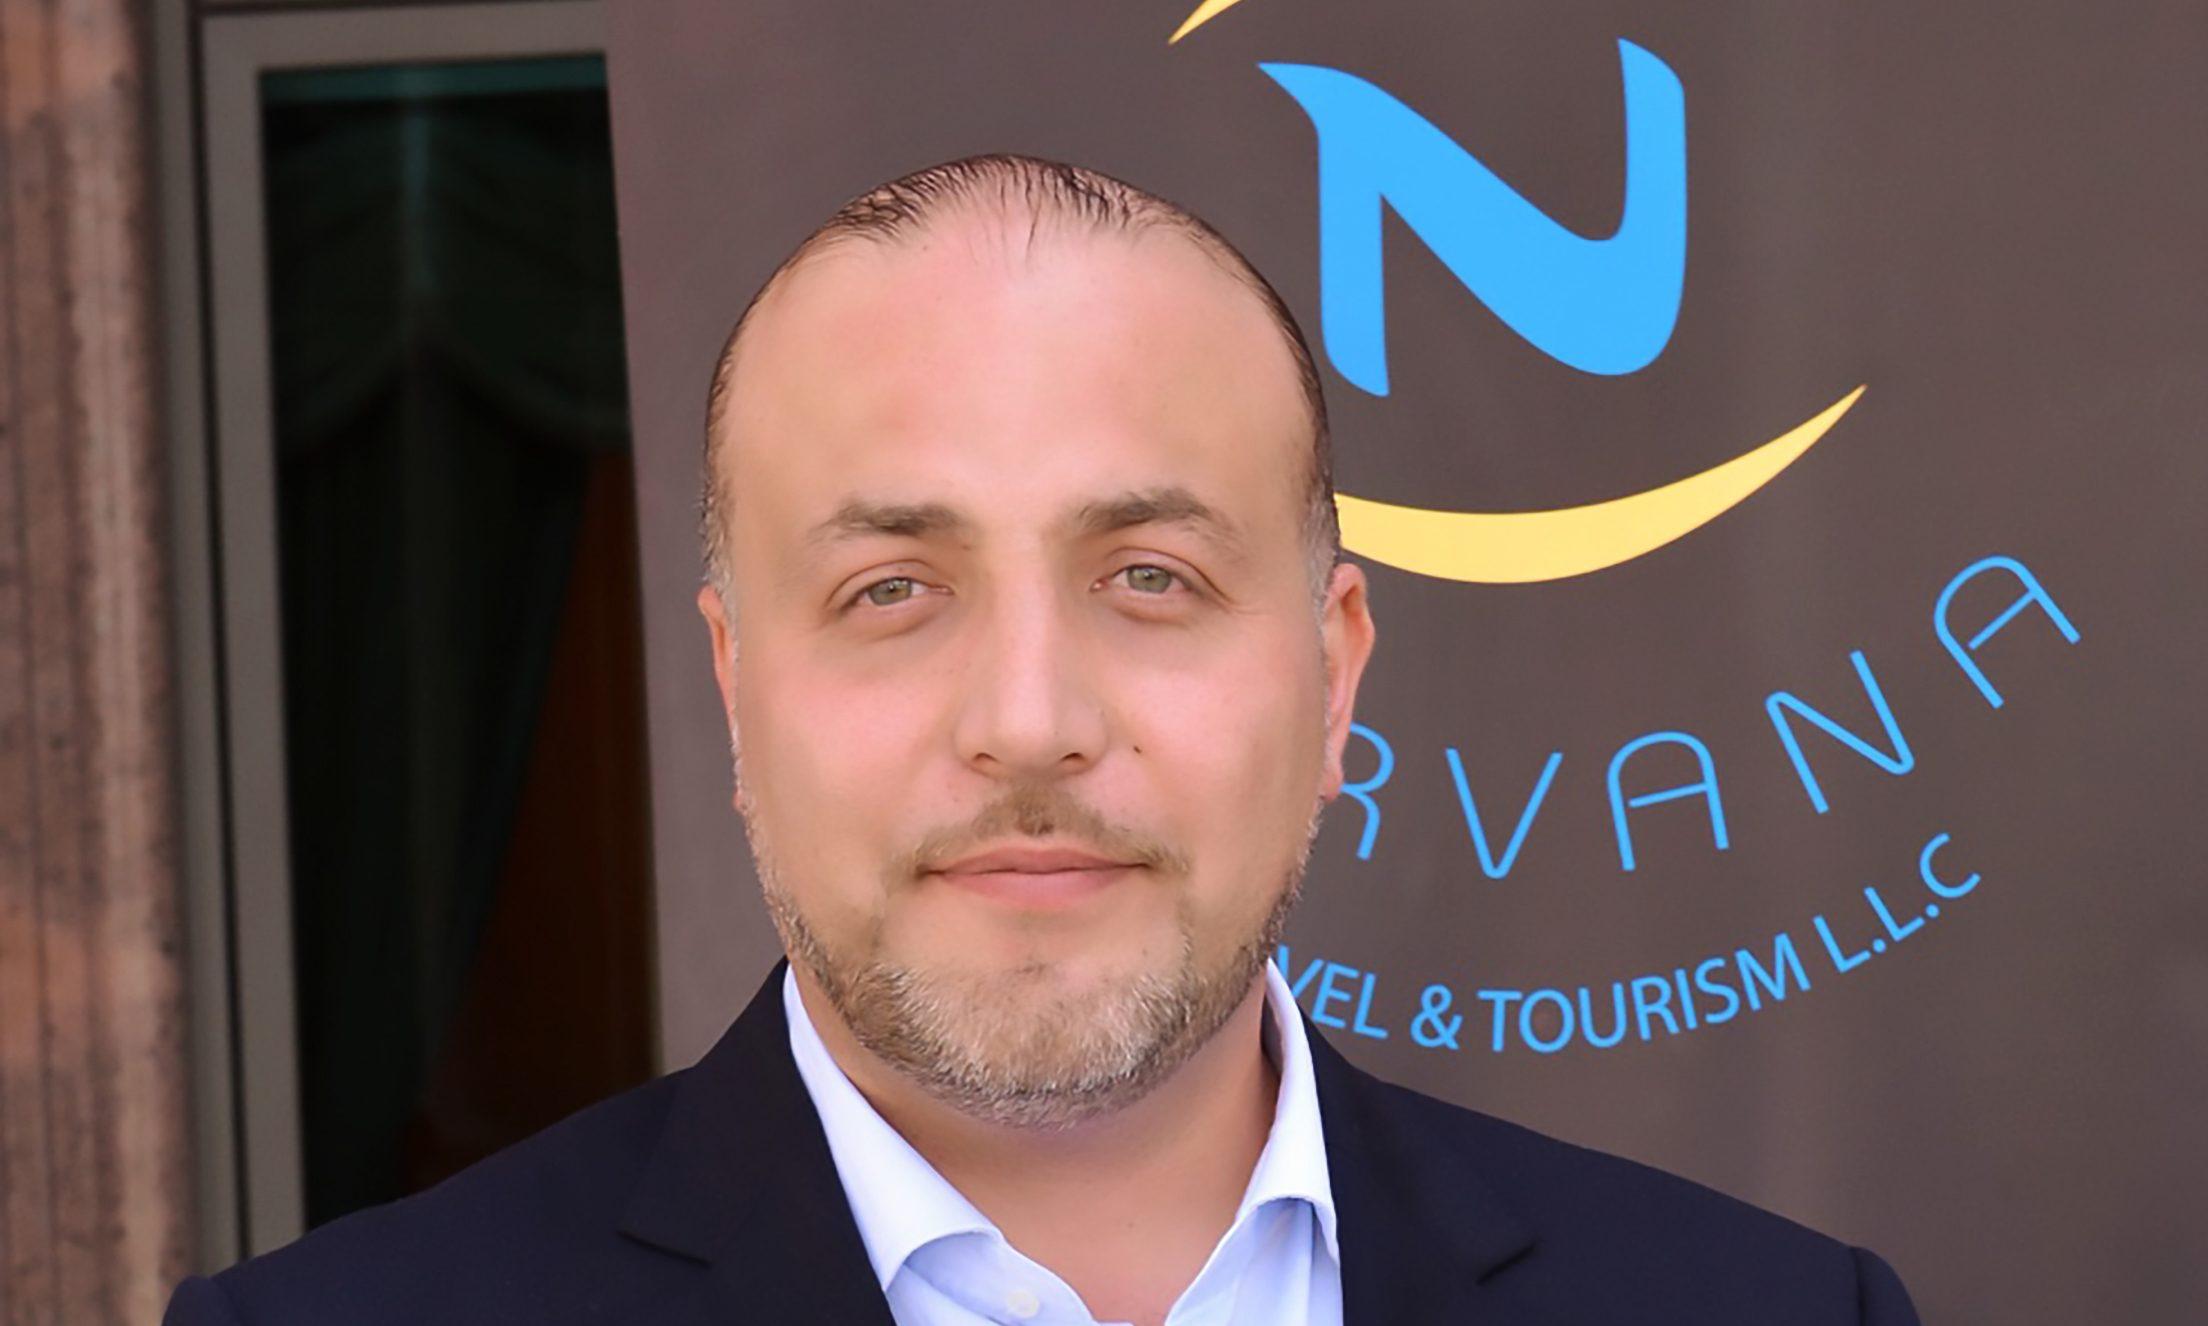 نيرفانا للسفر والسياحة تتخذ حزمة إجراءات لمواجهة تأثيرات كورونا